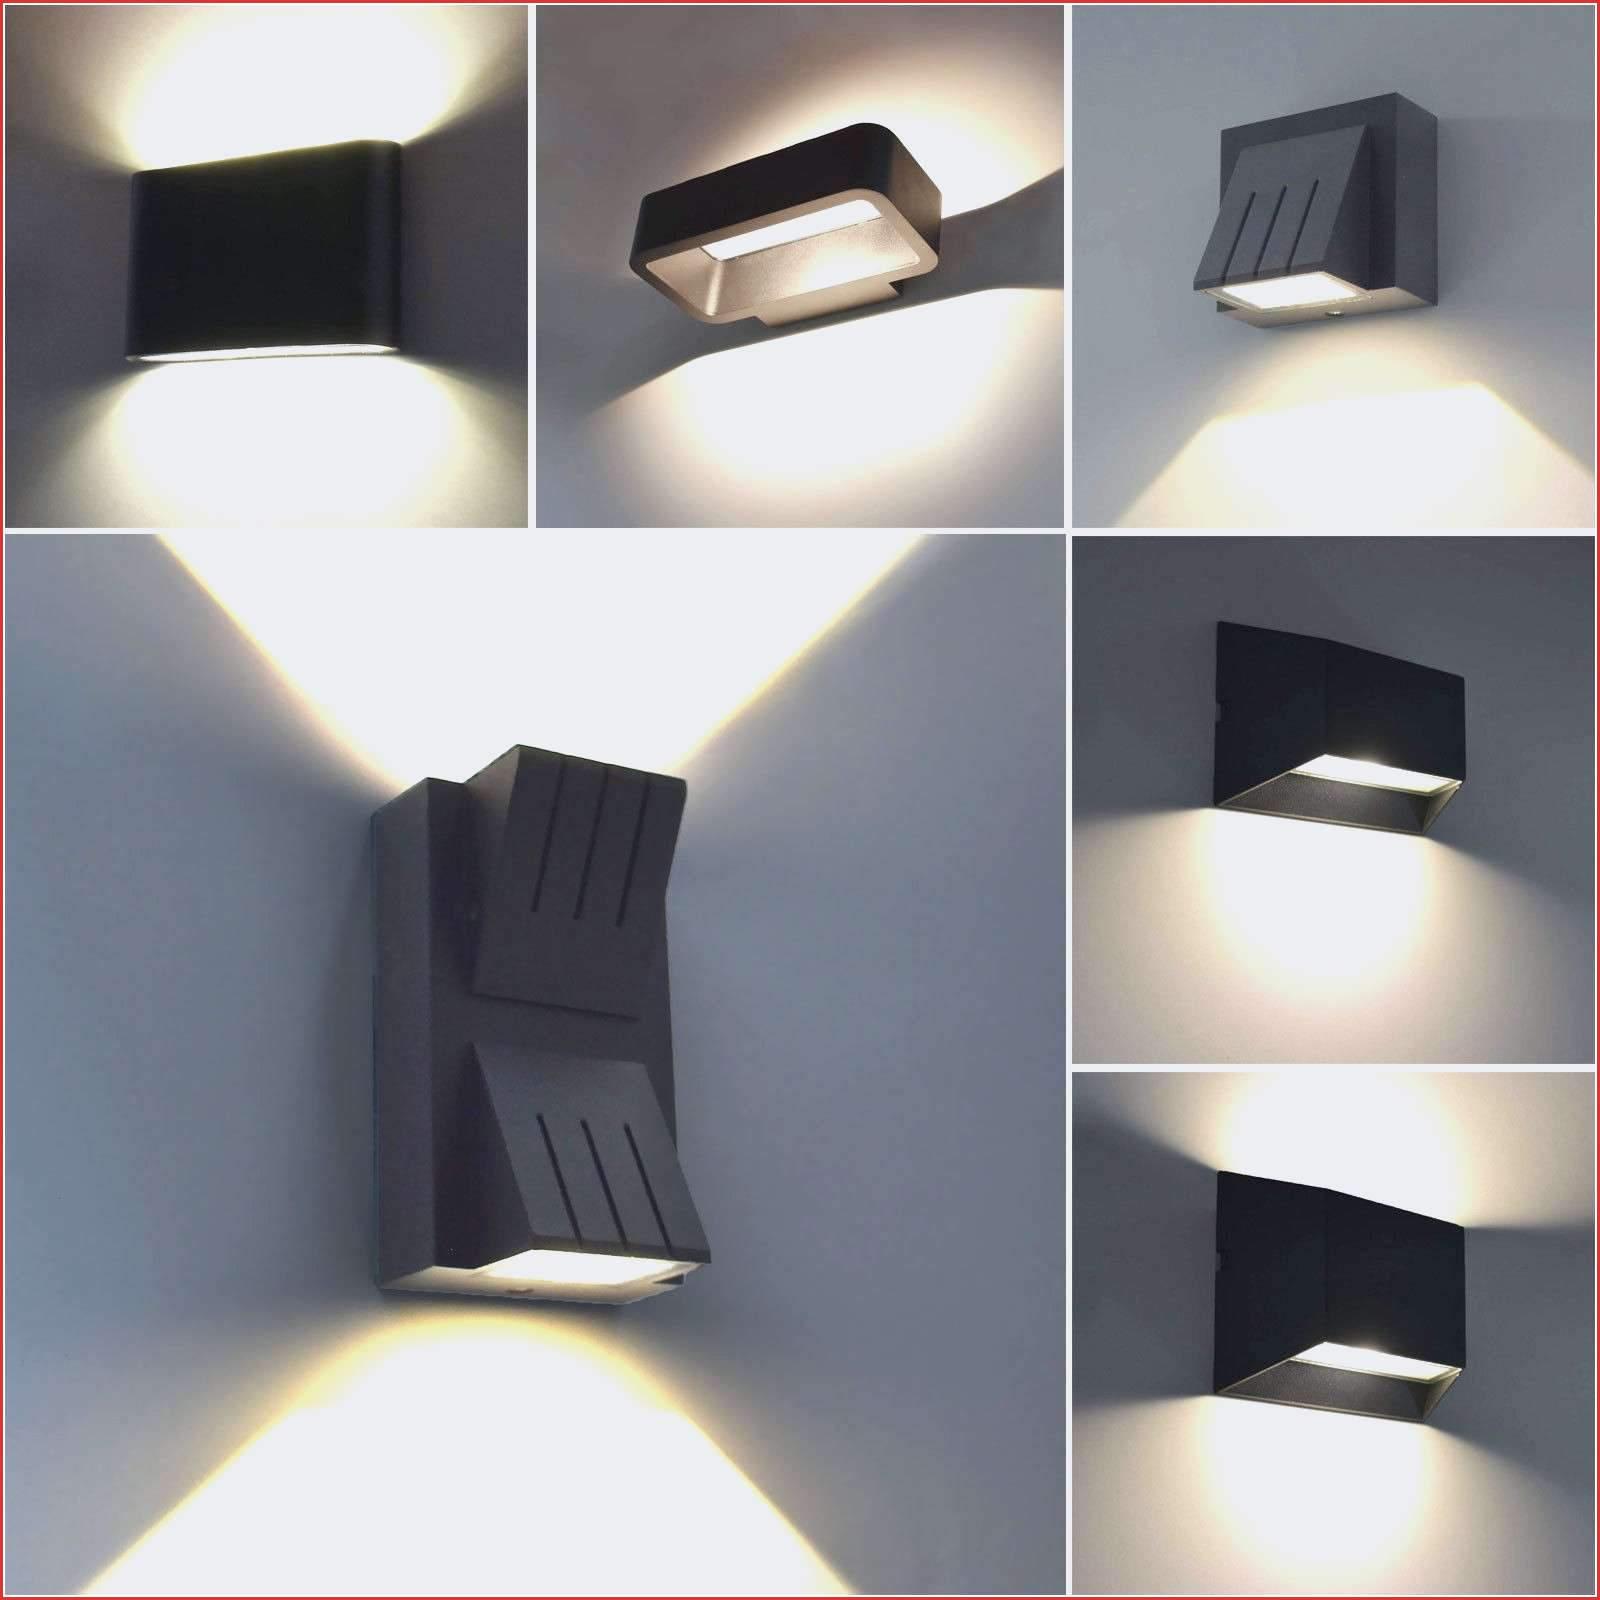 Full Size of Wandlampen Wohnzimmer Elegant 35 Genial Schlafzimmer Stuhl Für Günstige Eckschrank Schimmel Im Vorhänge Komplett Poco Sessel Deckenlampe Loddenkemper Set Wohnzimmer Schlafzimmer Wandlampen